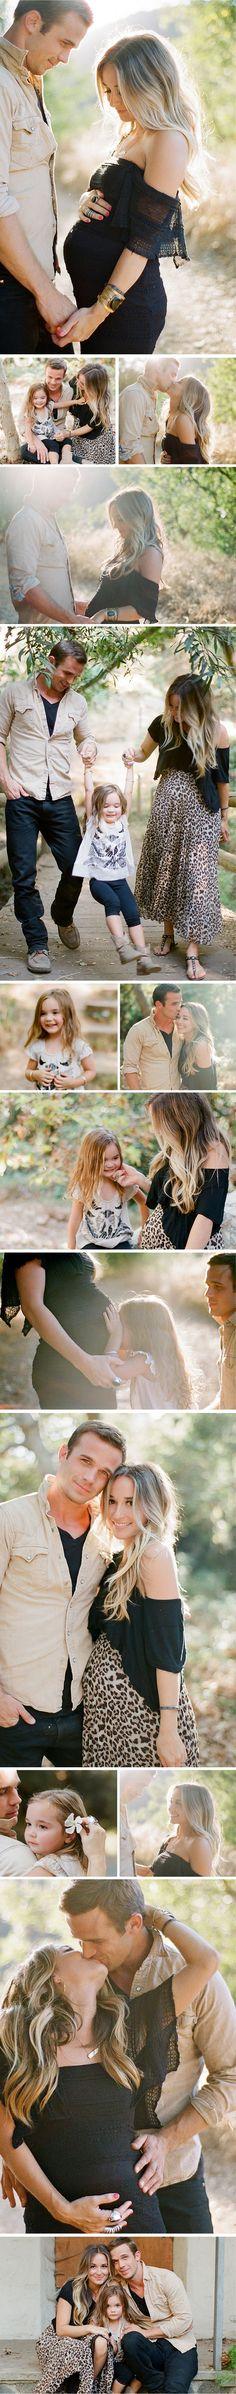 Hình ảnh gia đình hạnh phúc trước và sau khi sinh của bà mẹ trẻ